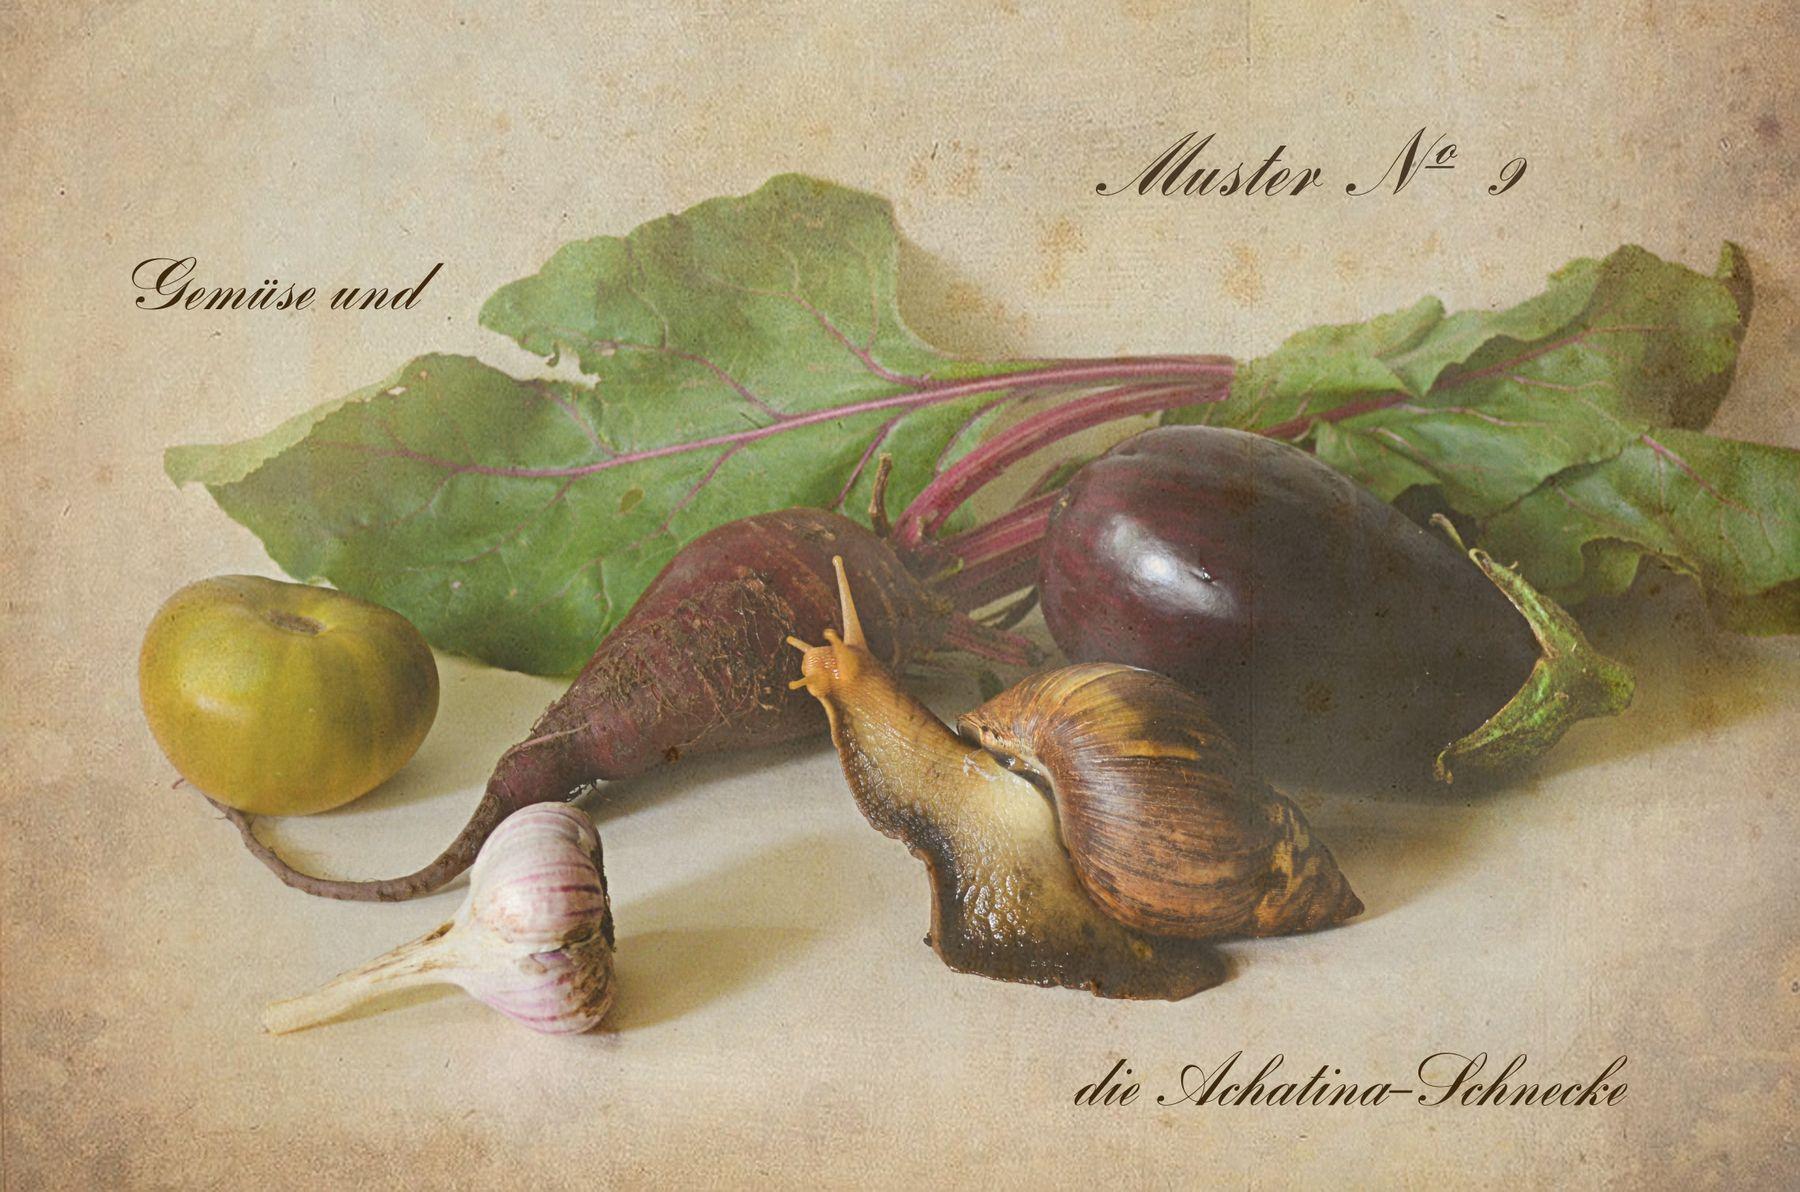 Ботанический альбом. Овощи и улитка Ахатина. натюрморт ботанический альбом овощи чеснок свекла баклажан улитка Ахатина